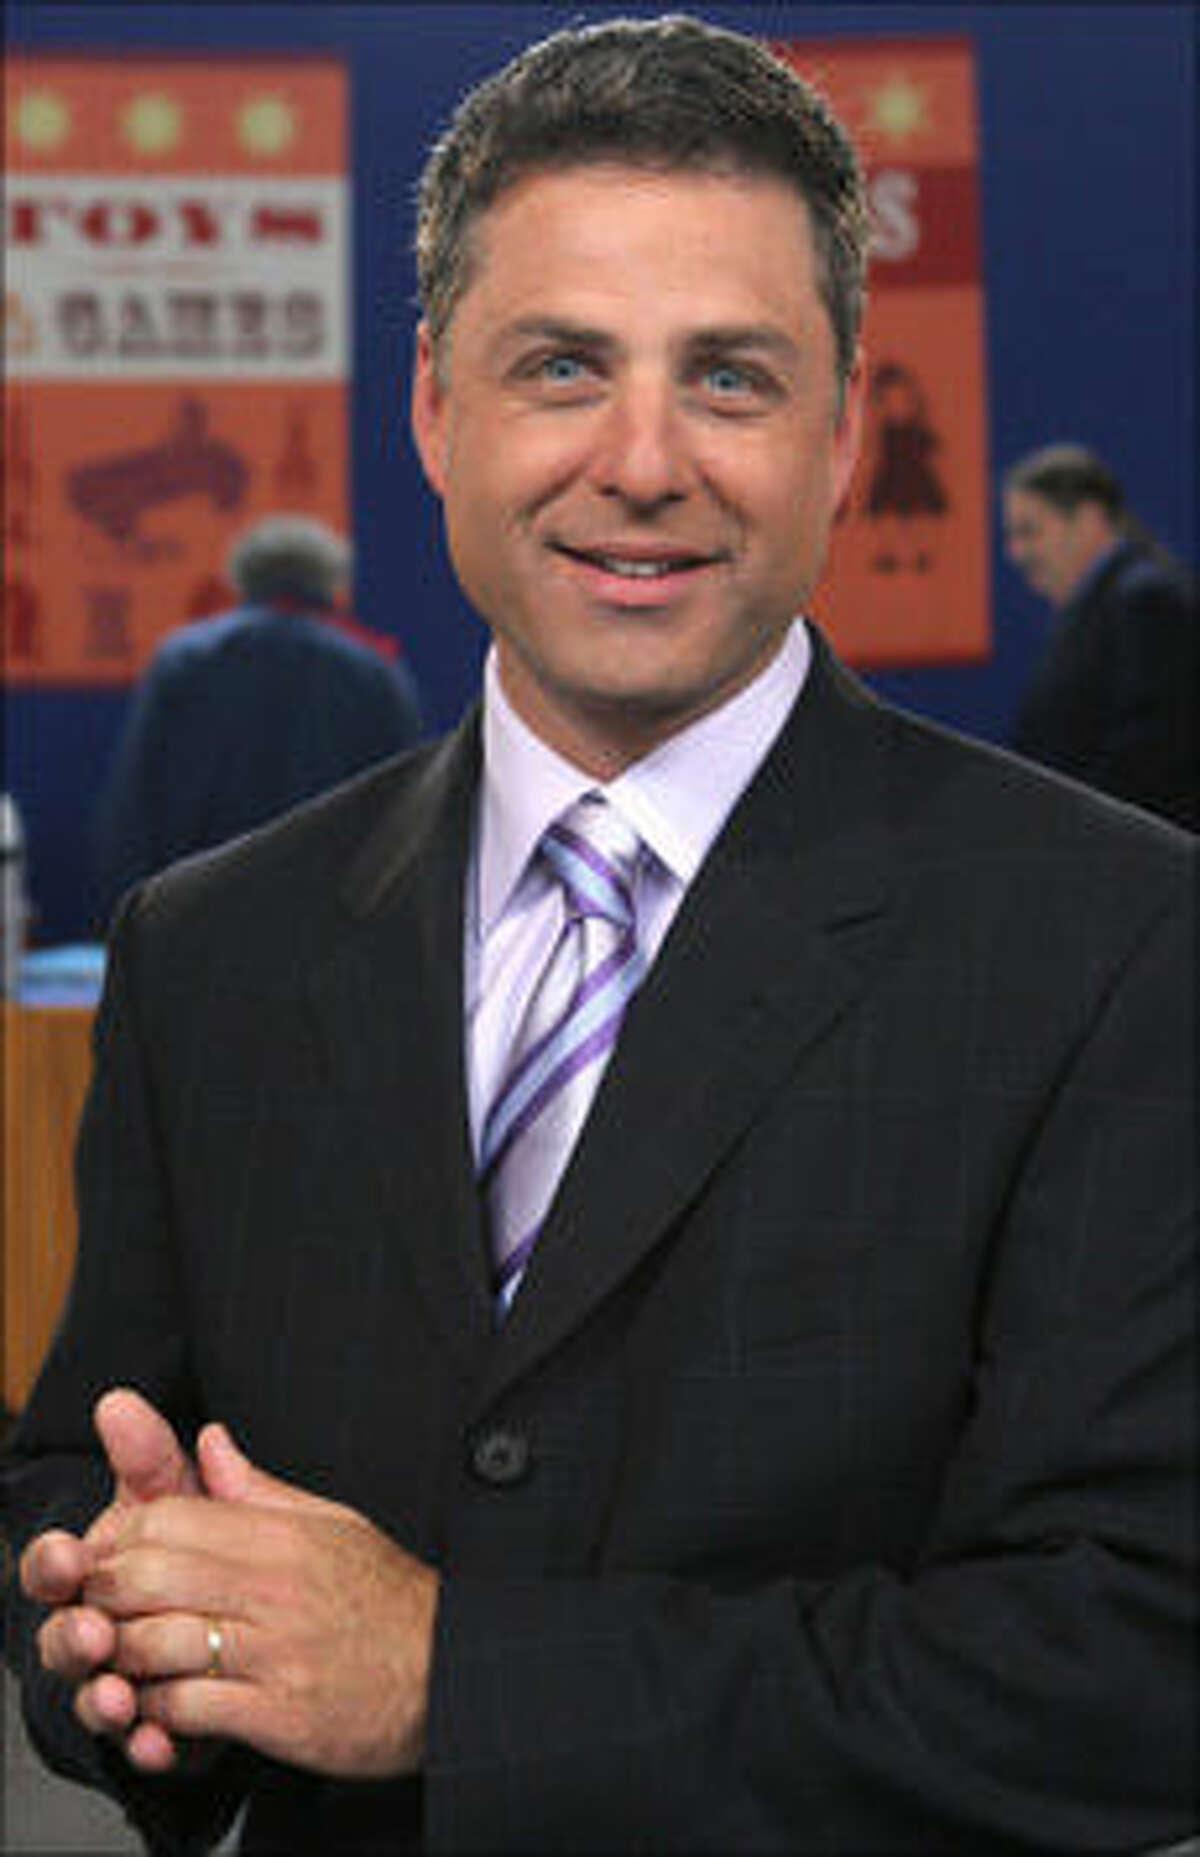 Mark L. Walberg